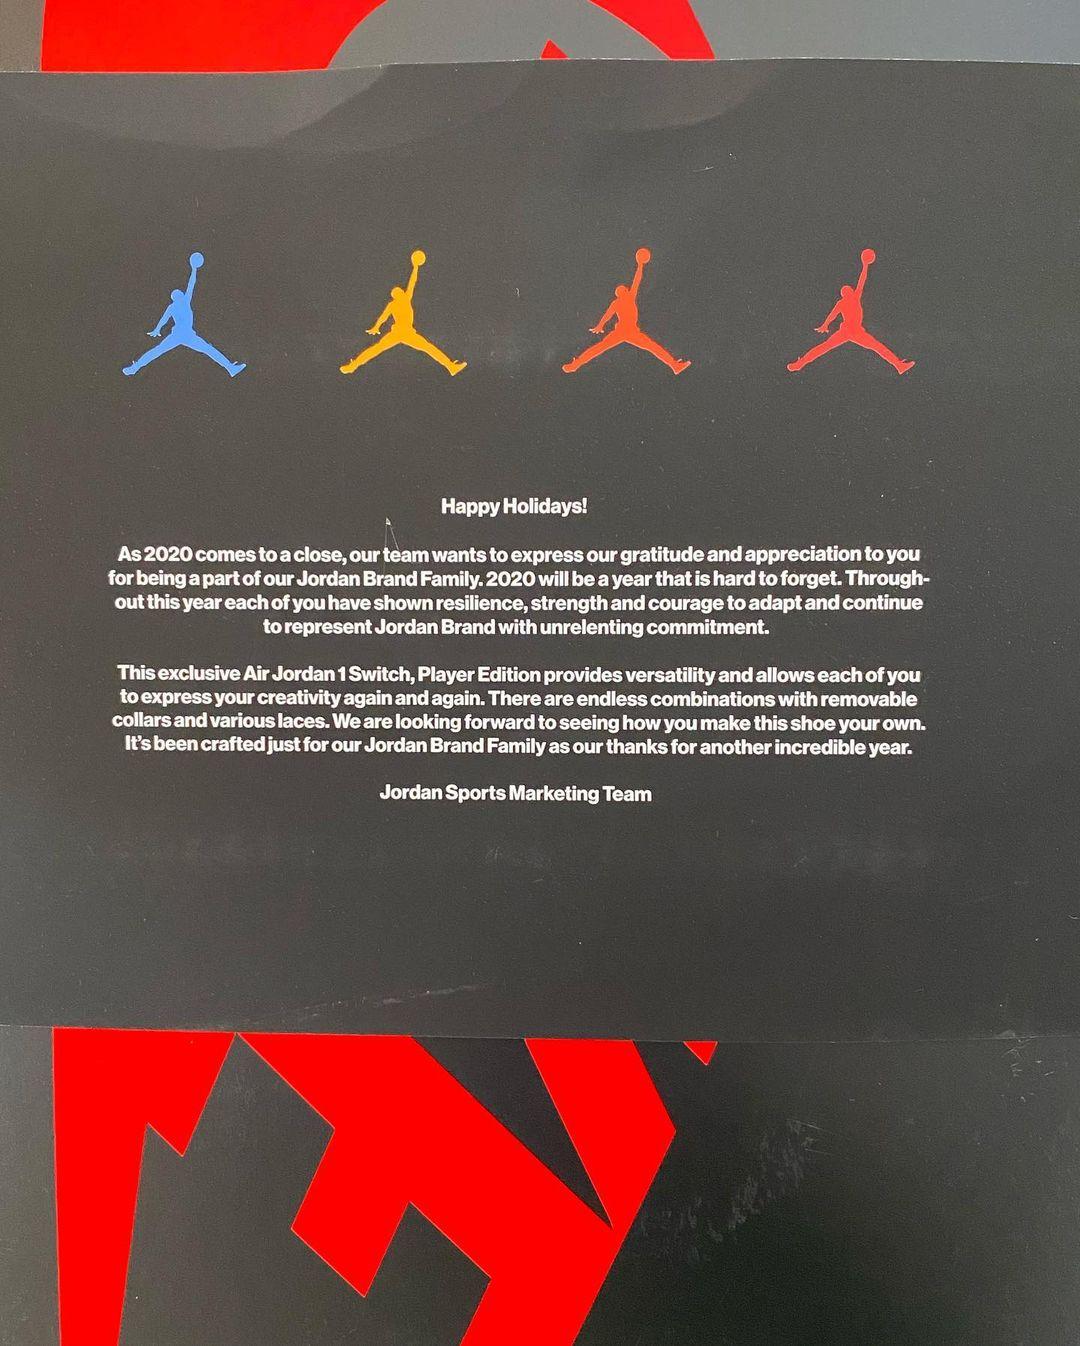 Air Jordan 1,AJ1,明星  能换四款配色!雷·阿伦晒全新黑脚趾 AJ1!这玩法有点厉害!